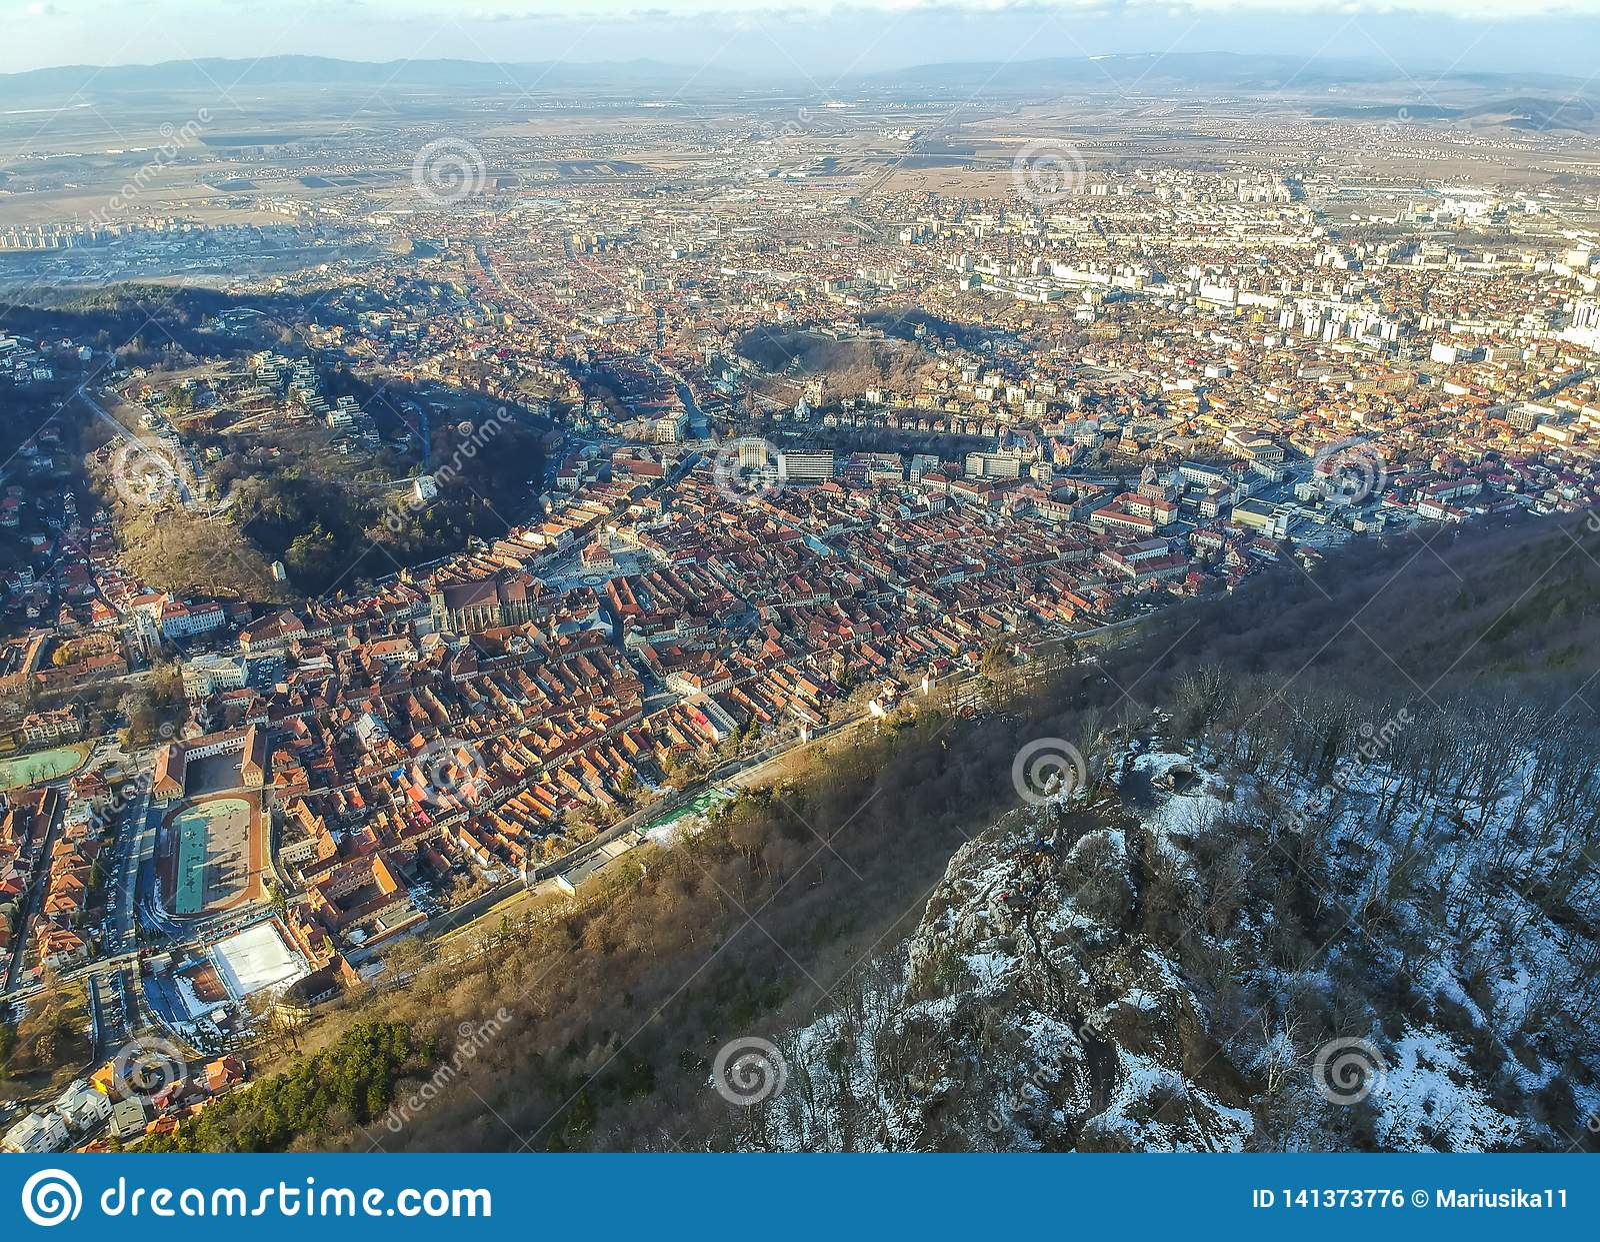 Panorama of Brasov City, Romania, aerial view